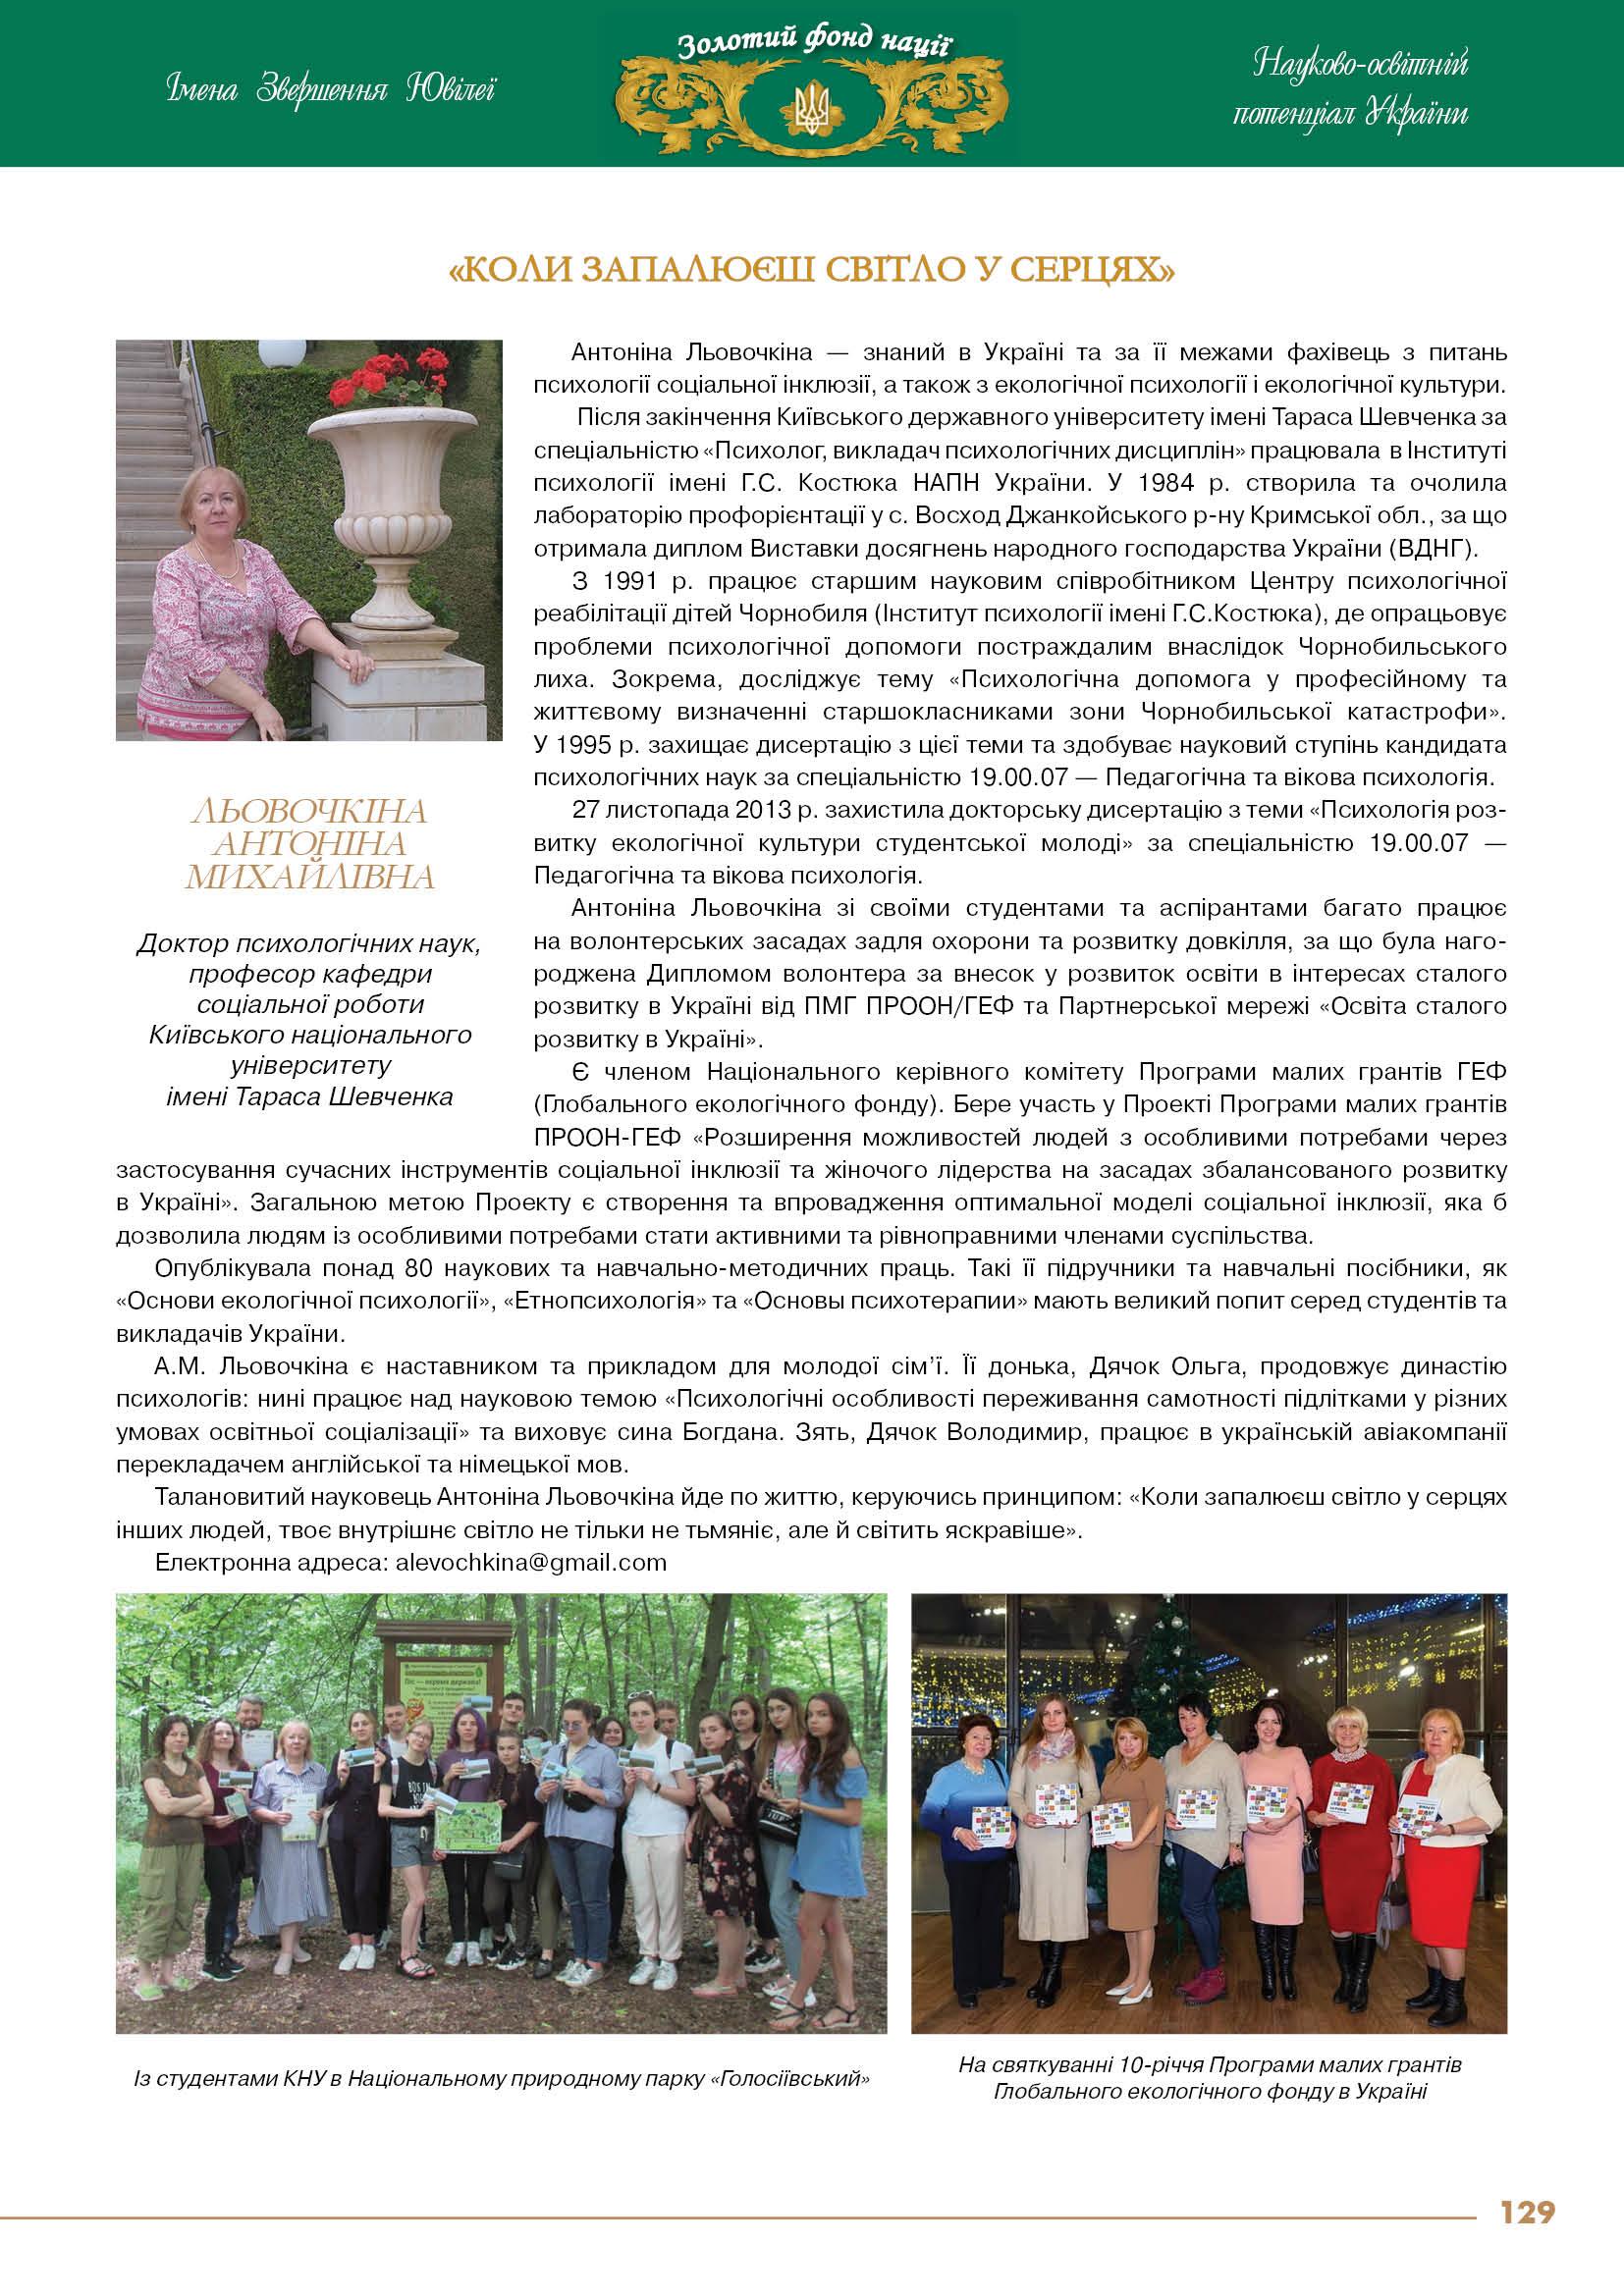 Льовочкіна Антоніна Михайлівна